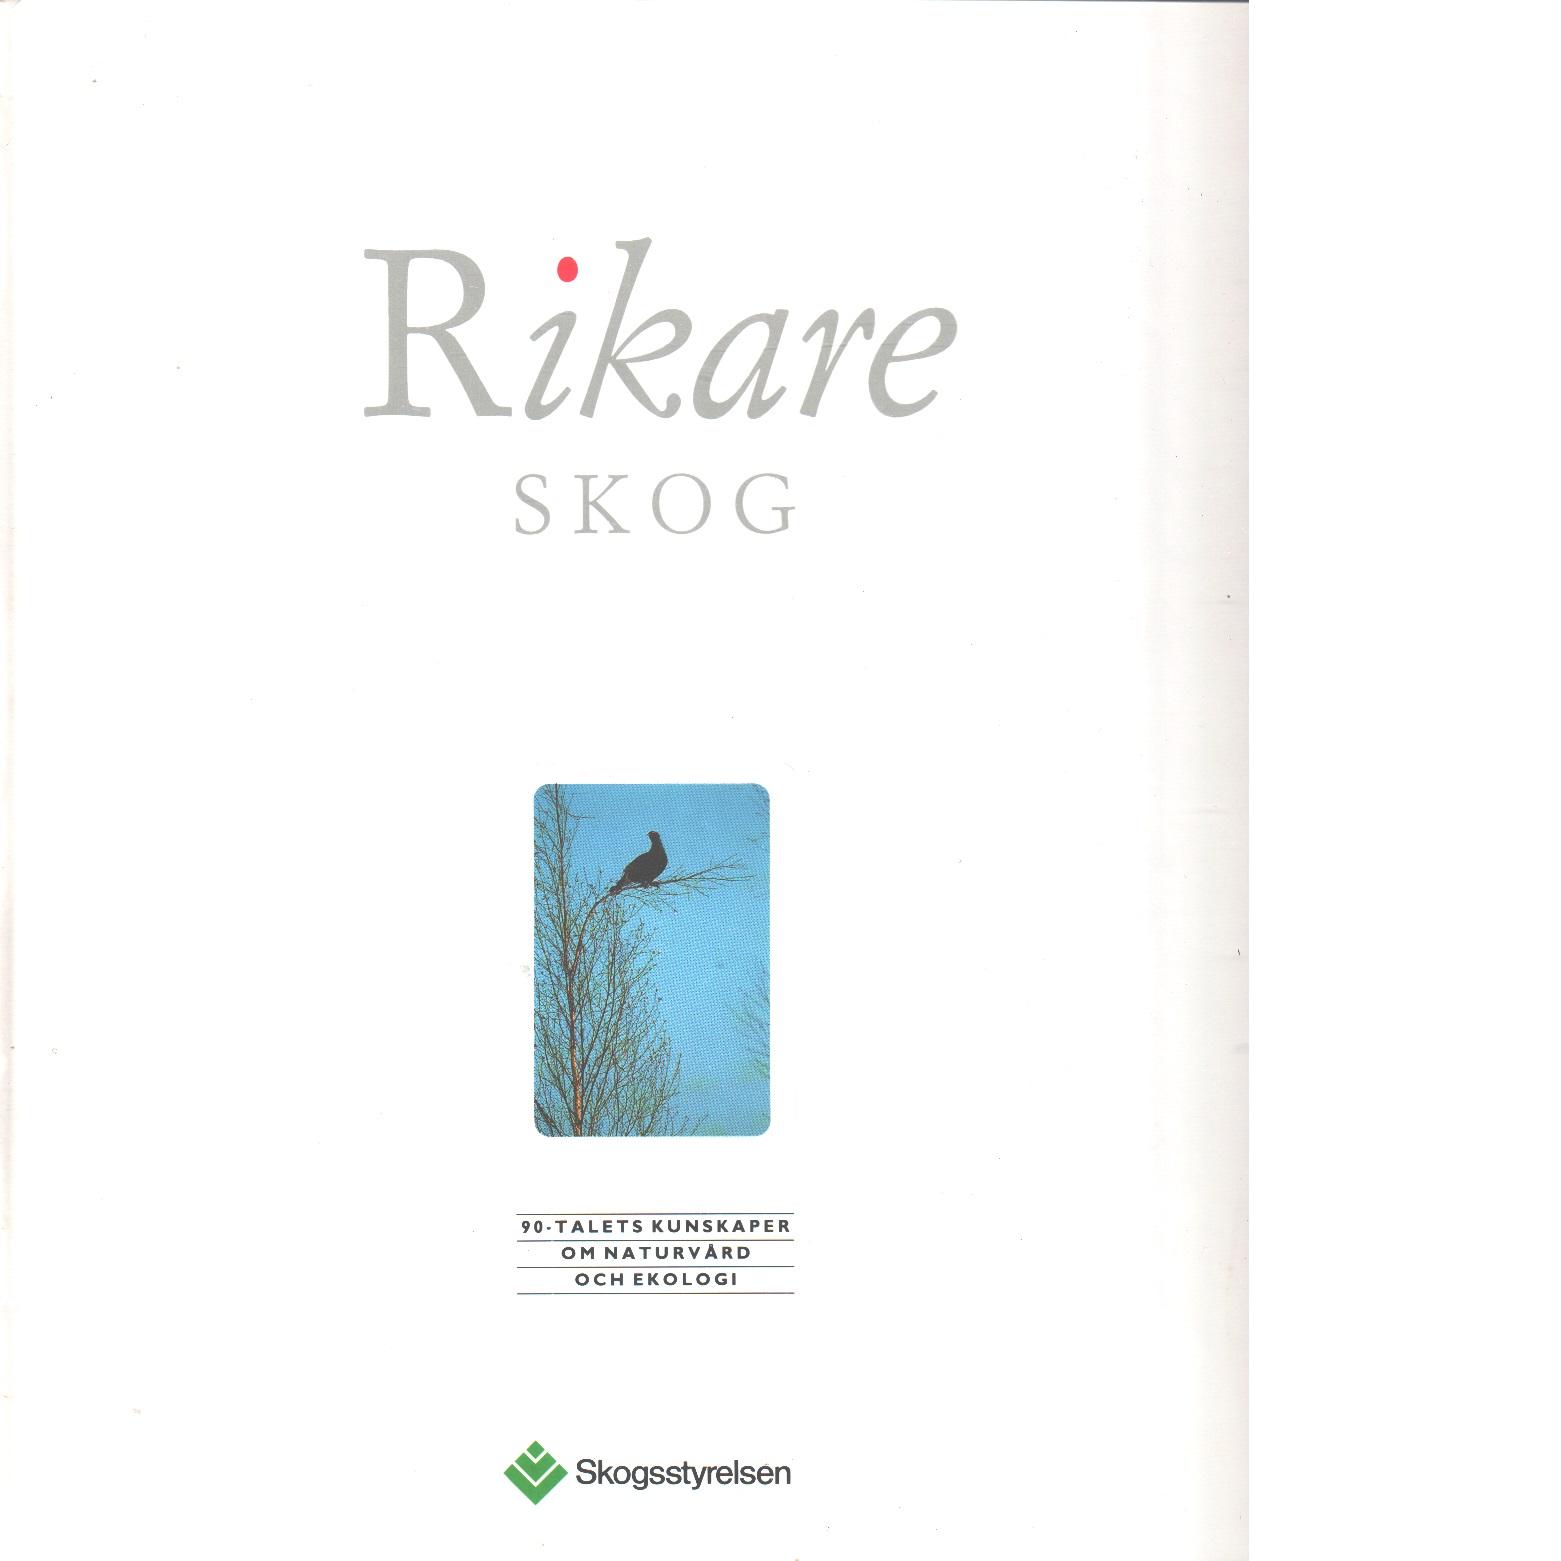 Rikare skog : 90-talets kunskaper om naturvård och ekologi - Red.